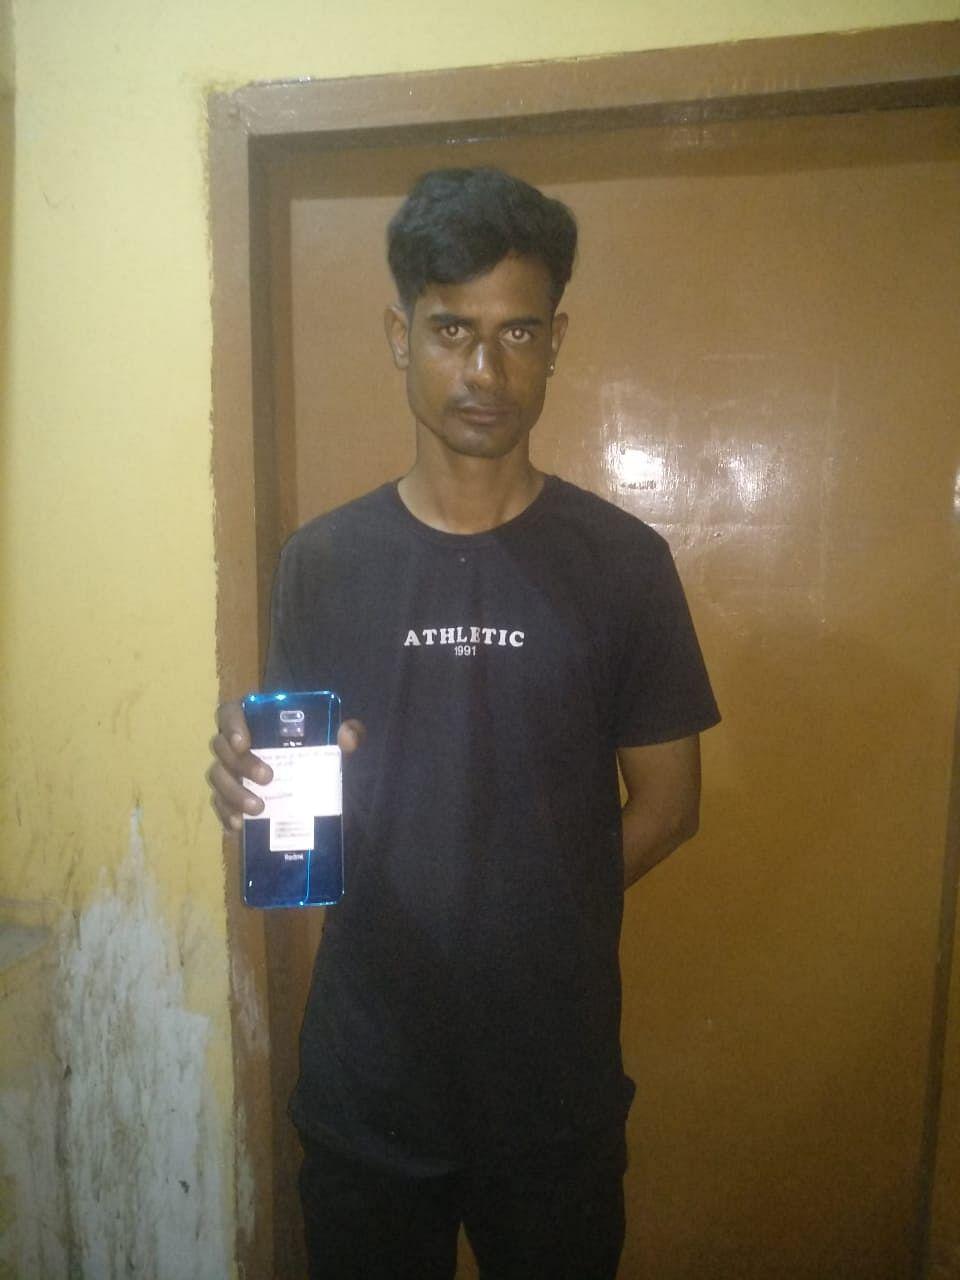 लूट के मोबाइल के साथ एक गिरफ्तार